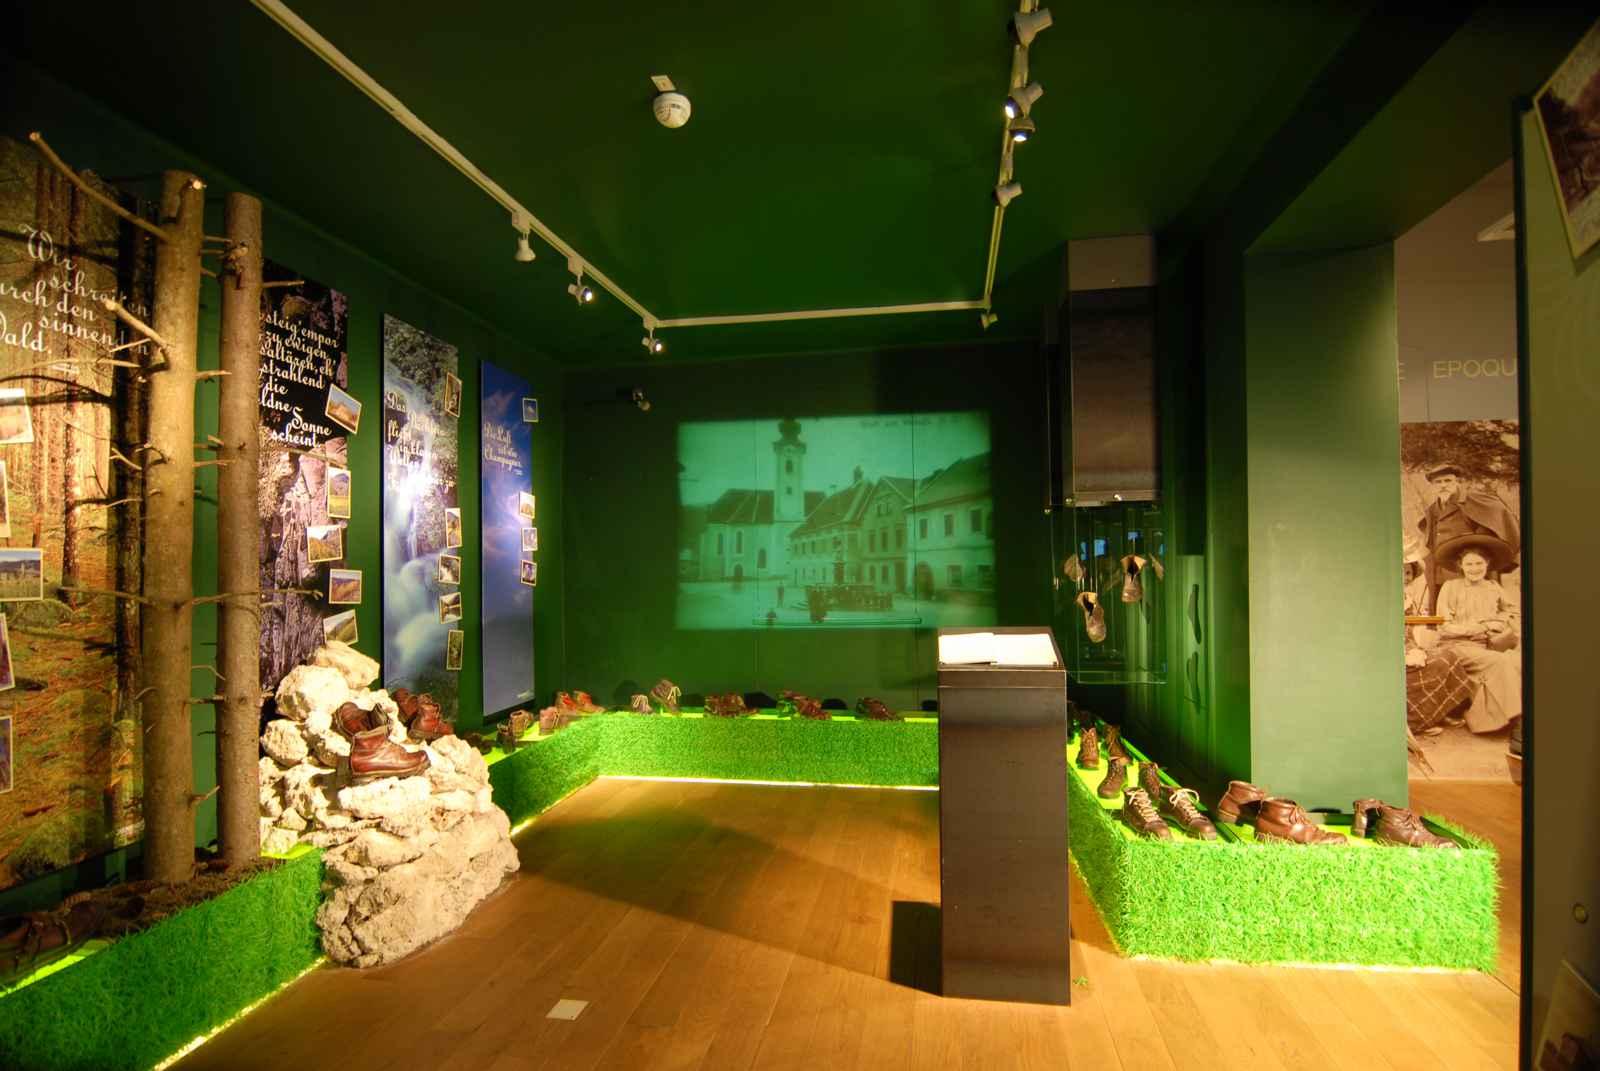 grüner Raum mit umlaufendem Grasband mit historischen Bergschuhen. Wald- und Felsinszenierung.